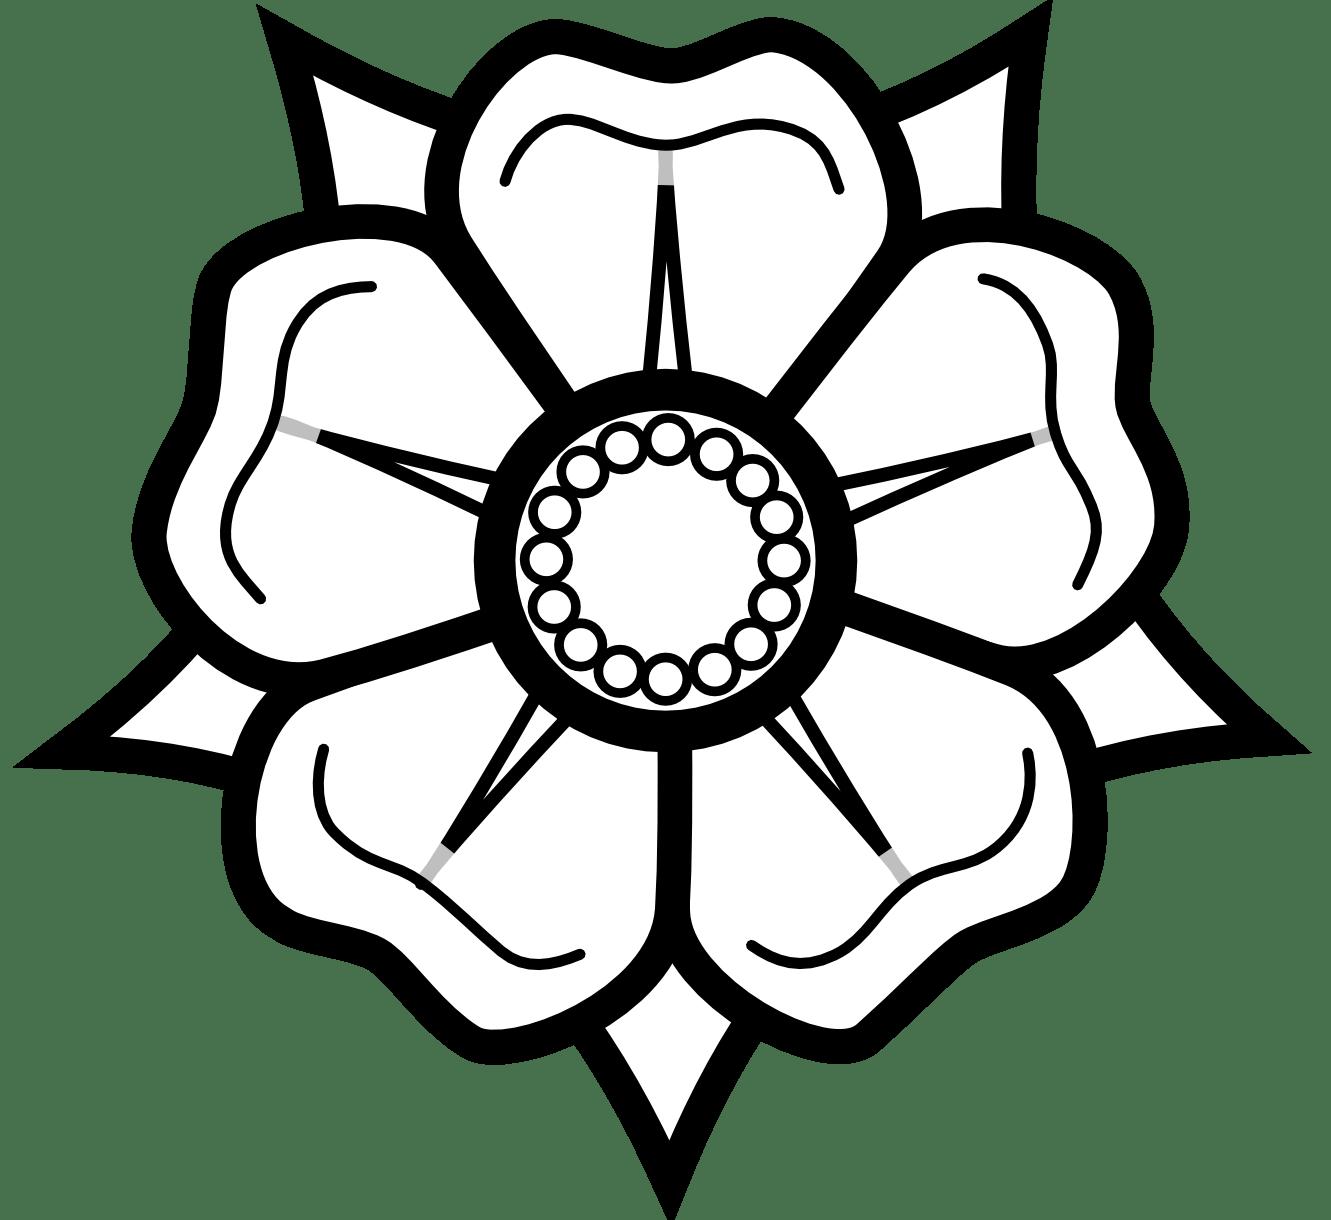 Heraldisch Lippische Rose Black White Line Art Tattoo